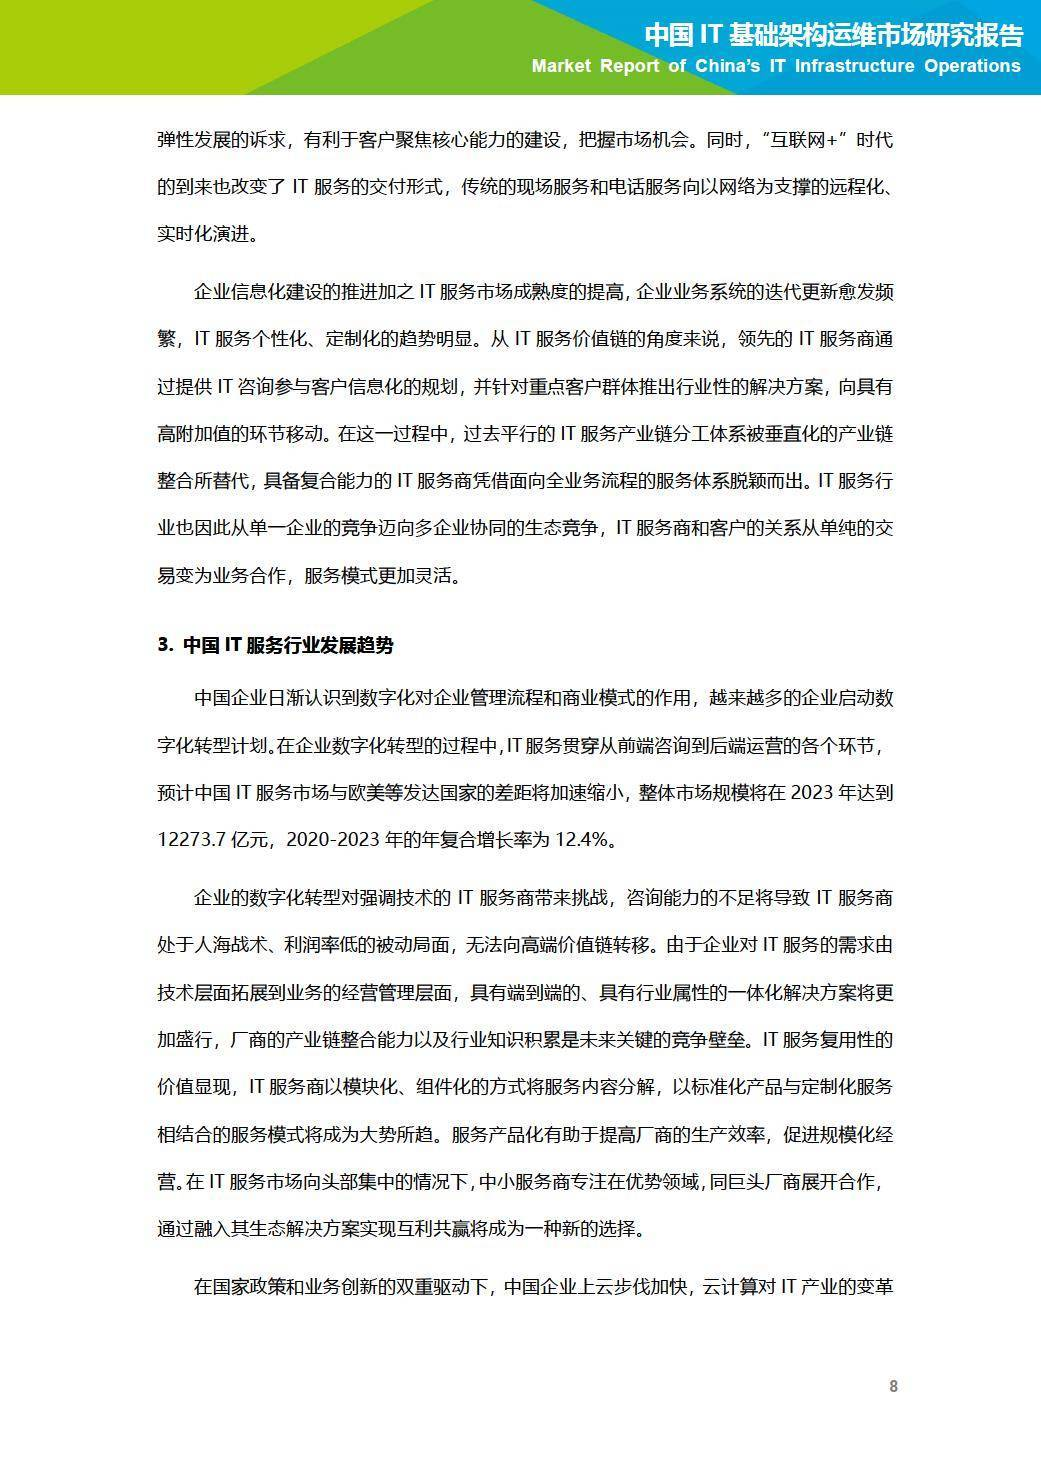 艾瑞咨询:2020年中国IT基础架构运维市场研究报告